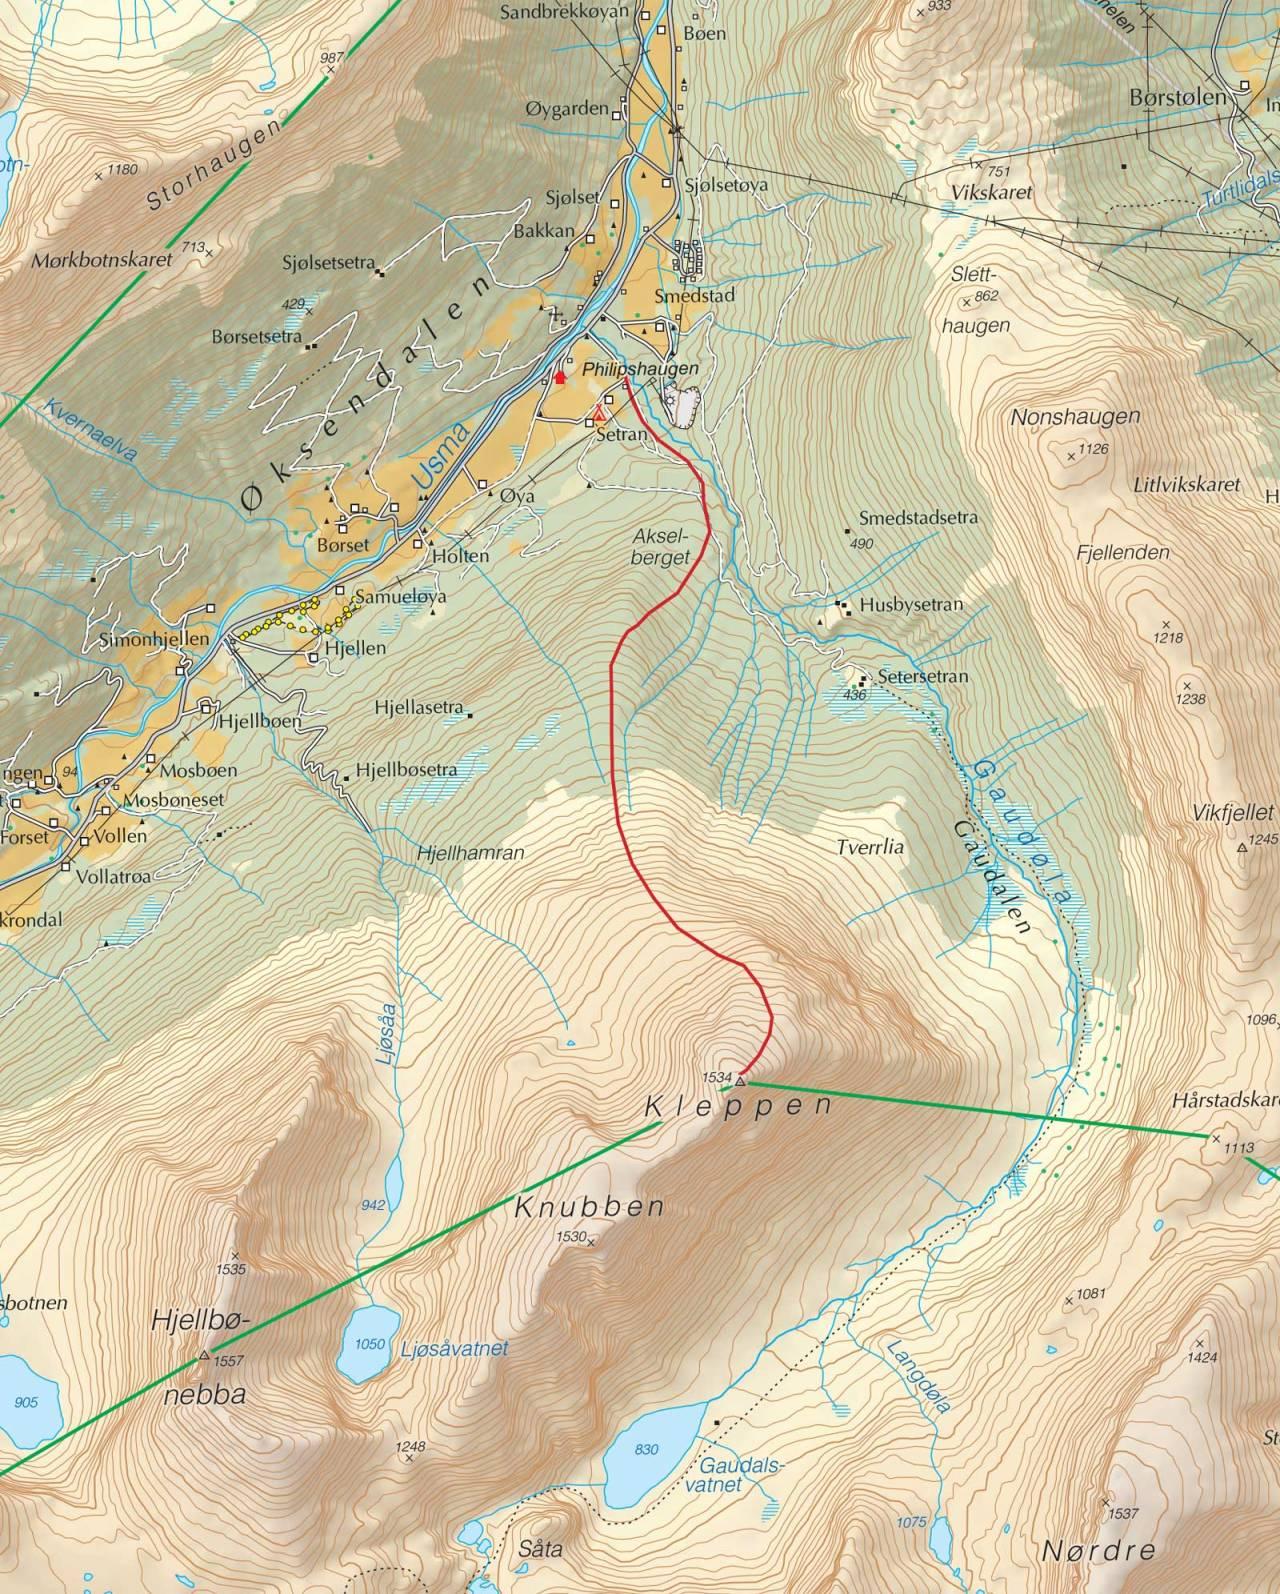 Kart over Kleppen med inntegnet rute. Fra Trygge toppturer.